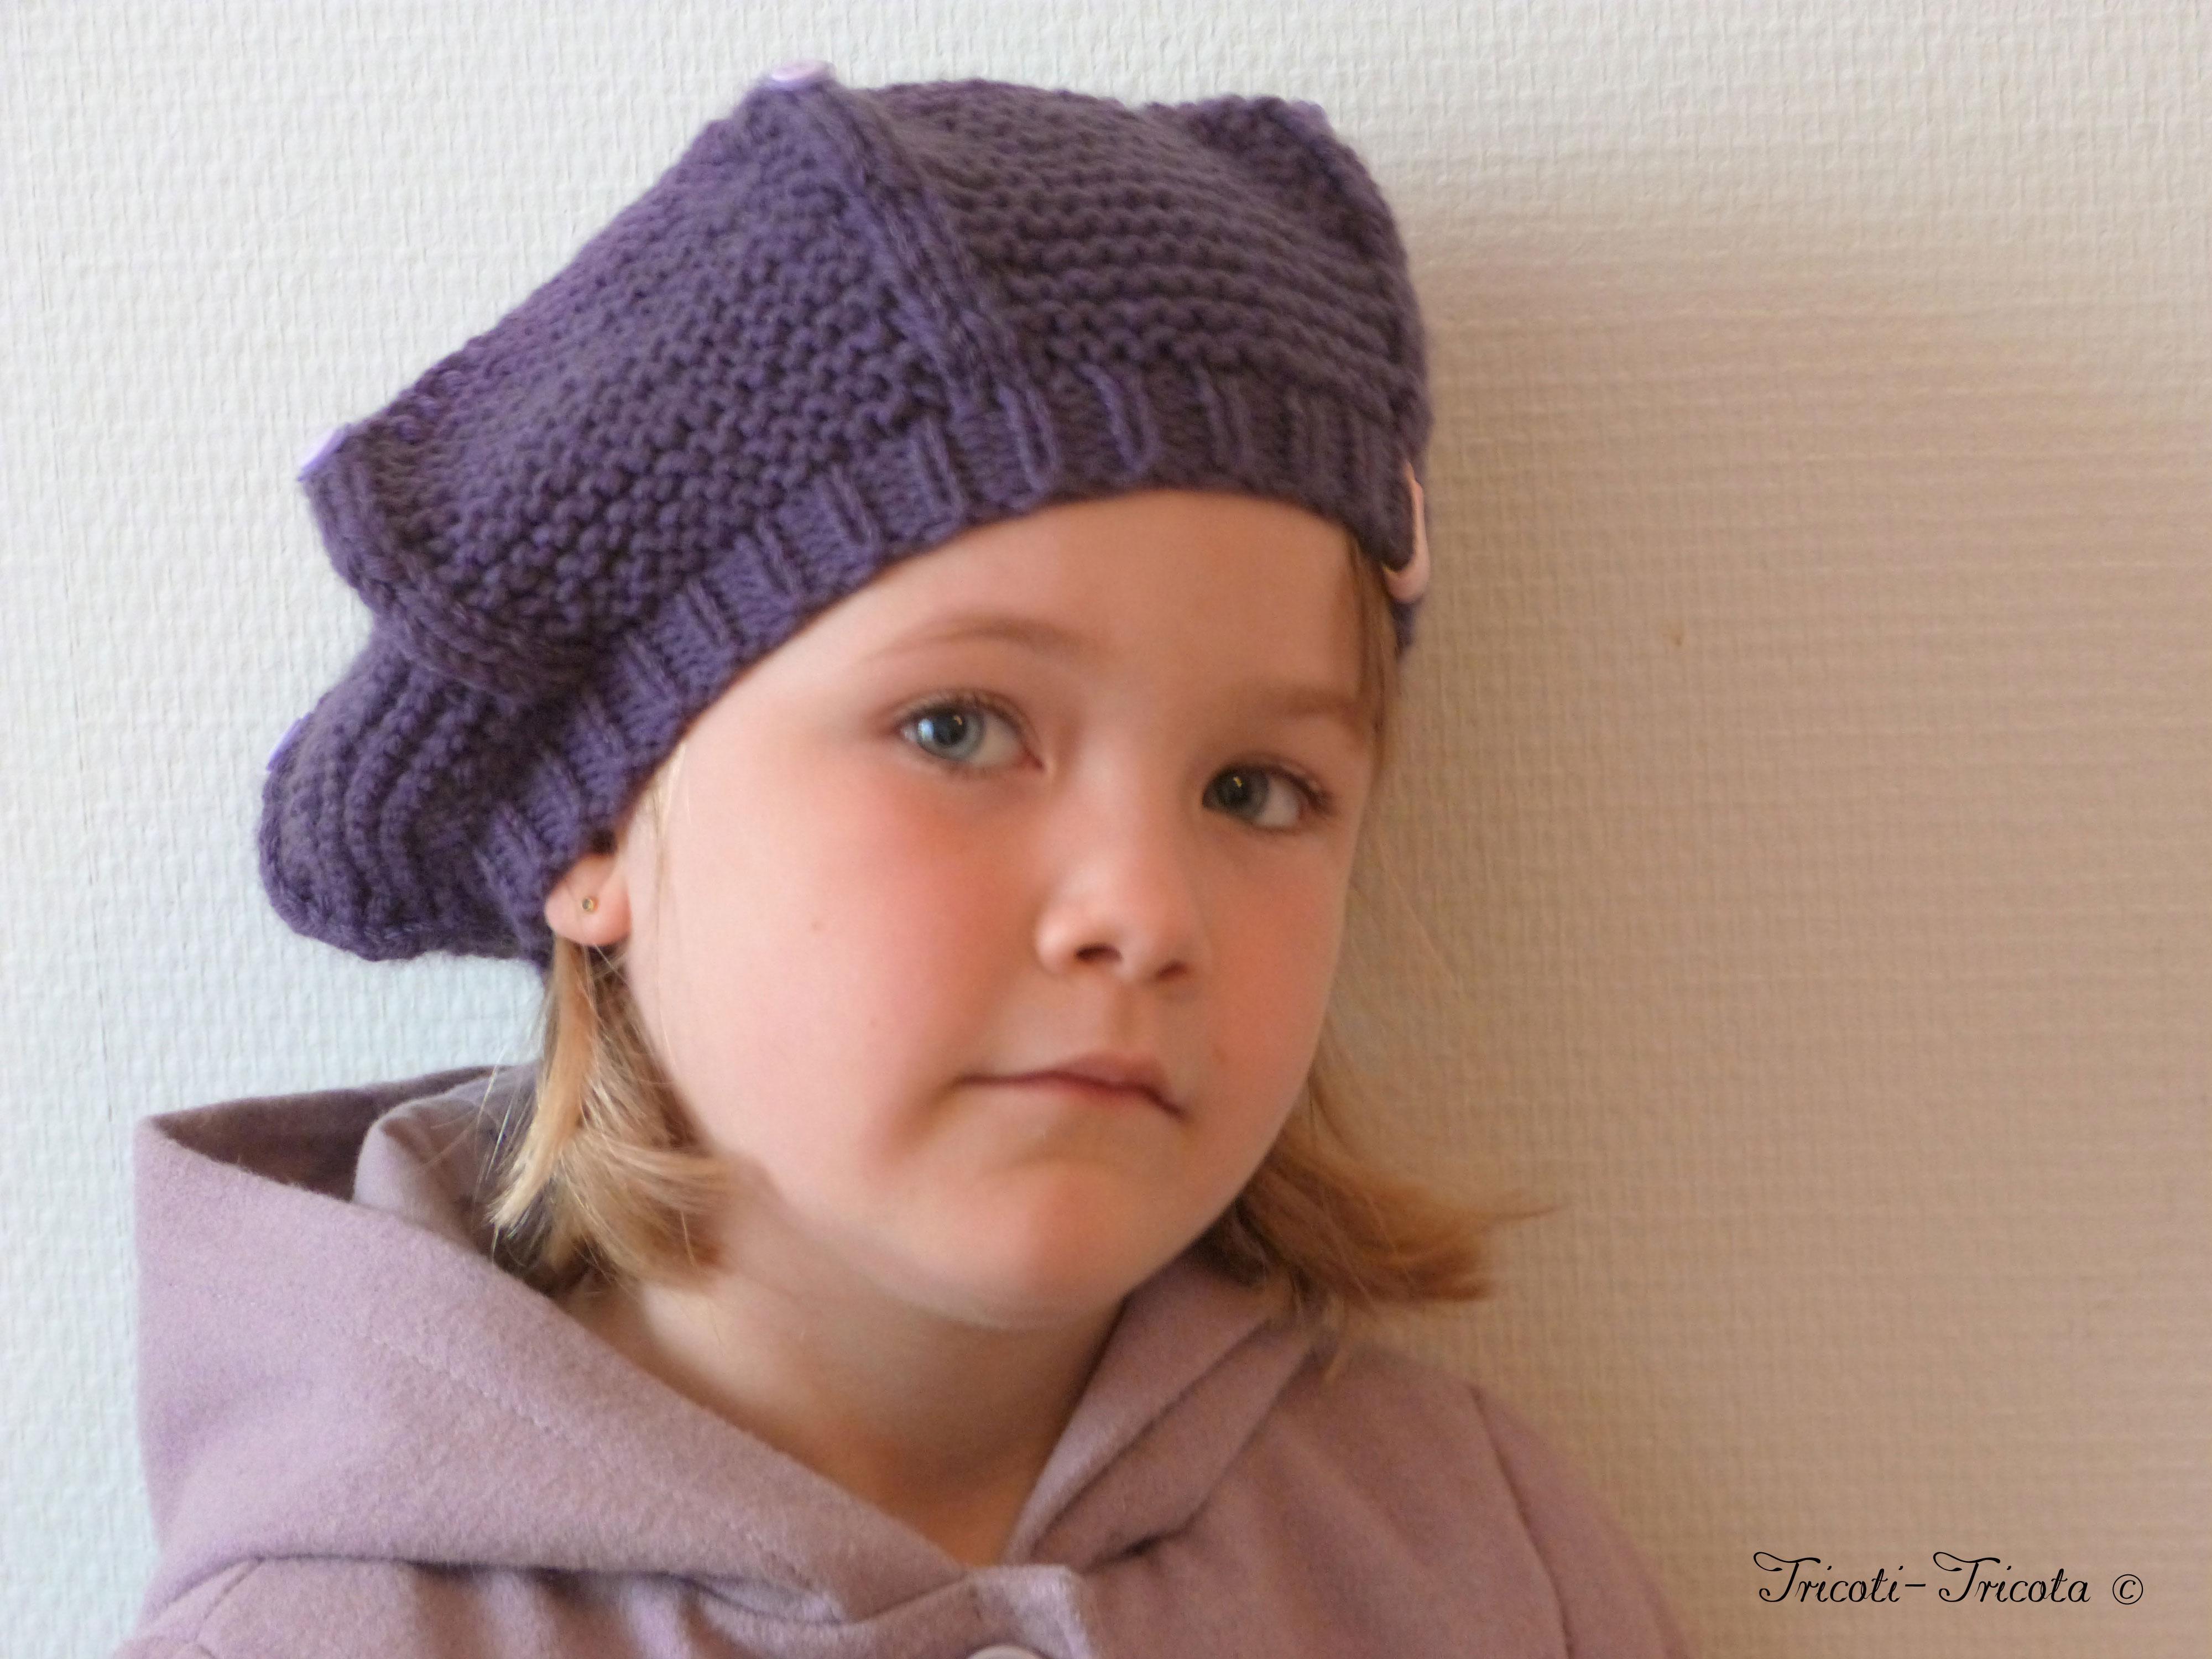 b ret mousse tricot pour enfant tricoti tricota. Black Bedroom Furniture Sets. Home Design Ideas